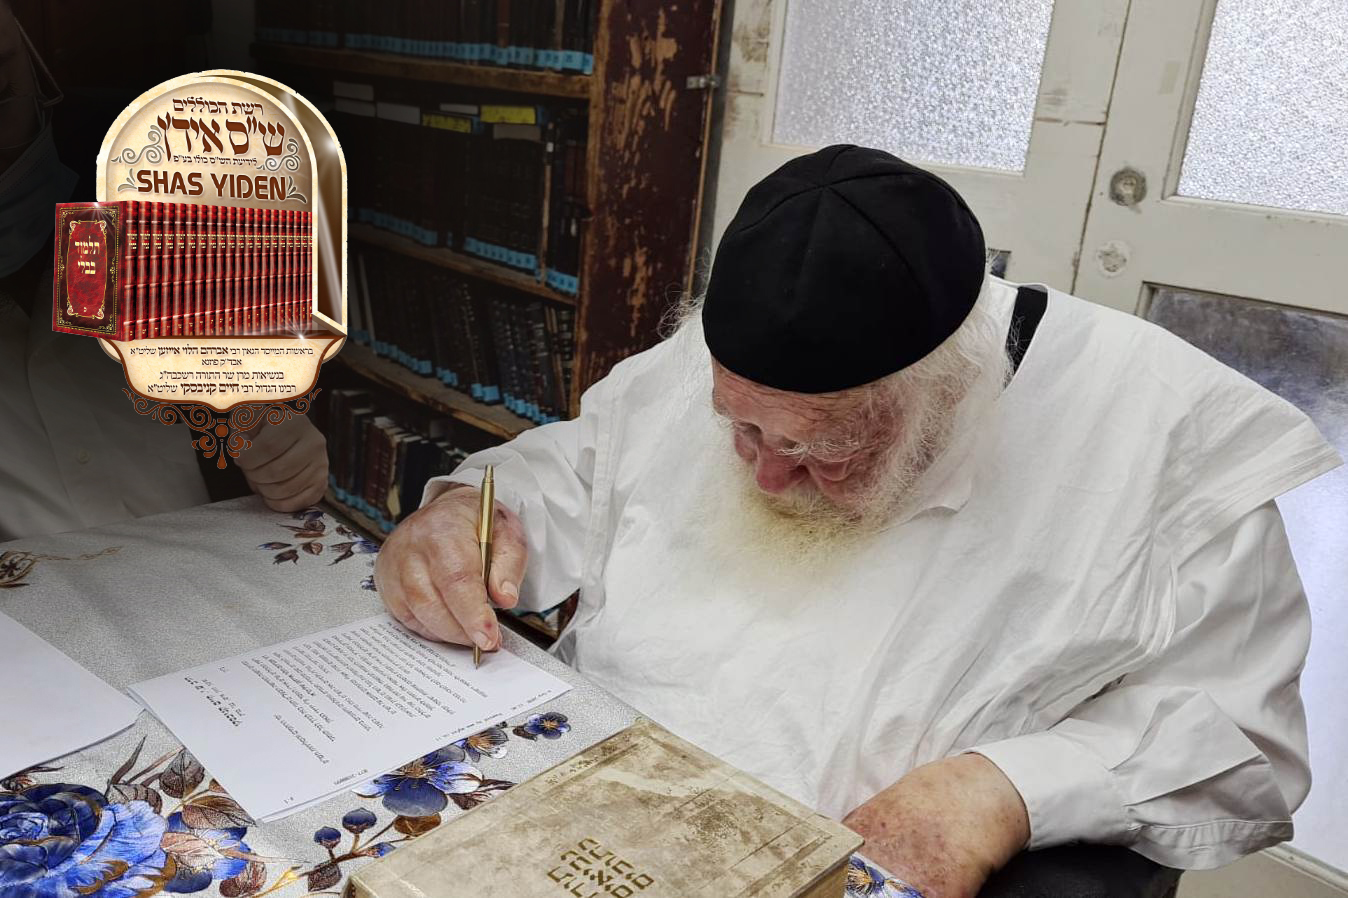 Sar Hatorah's Brocho and Appreciation of Shas Yiden